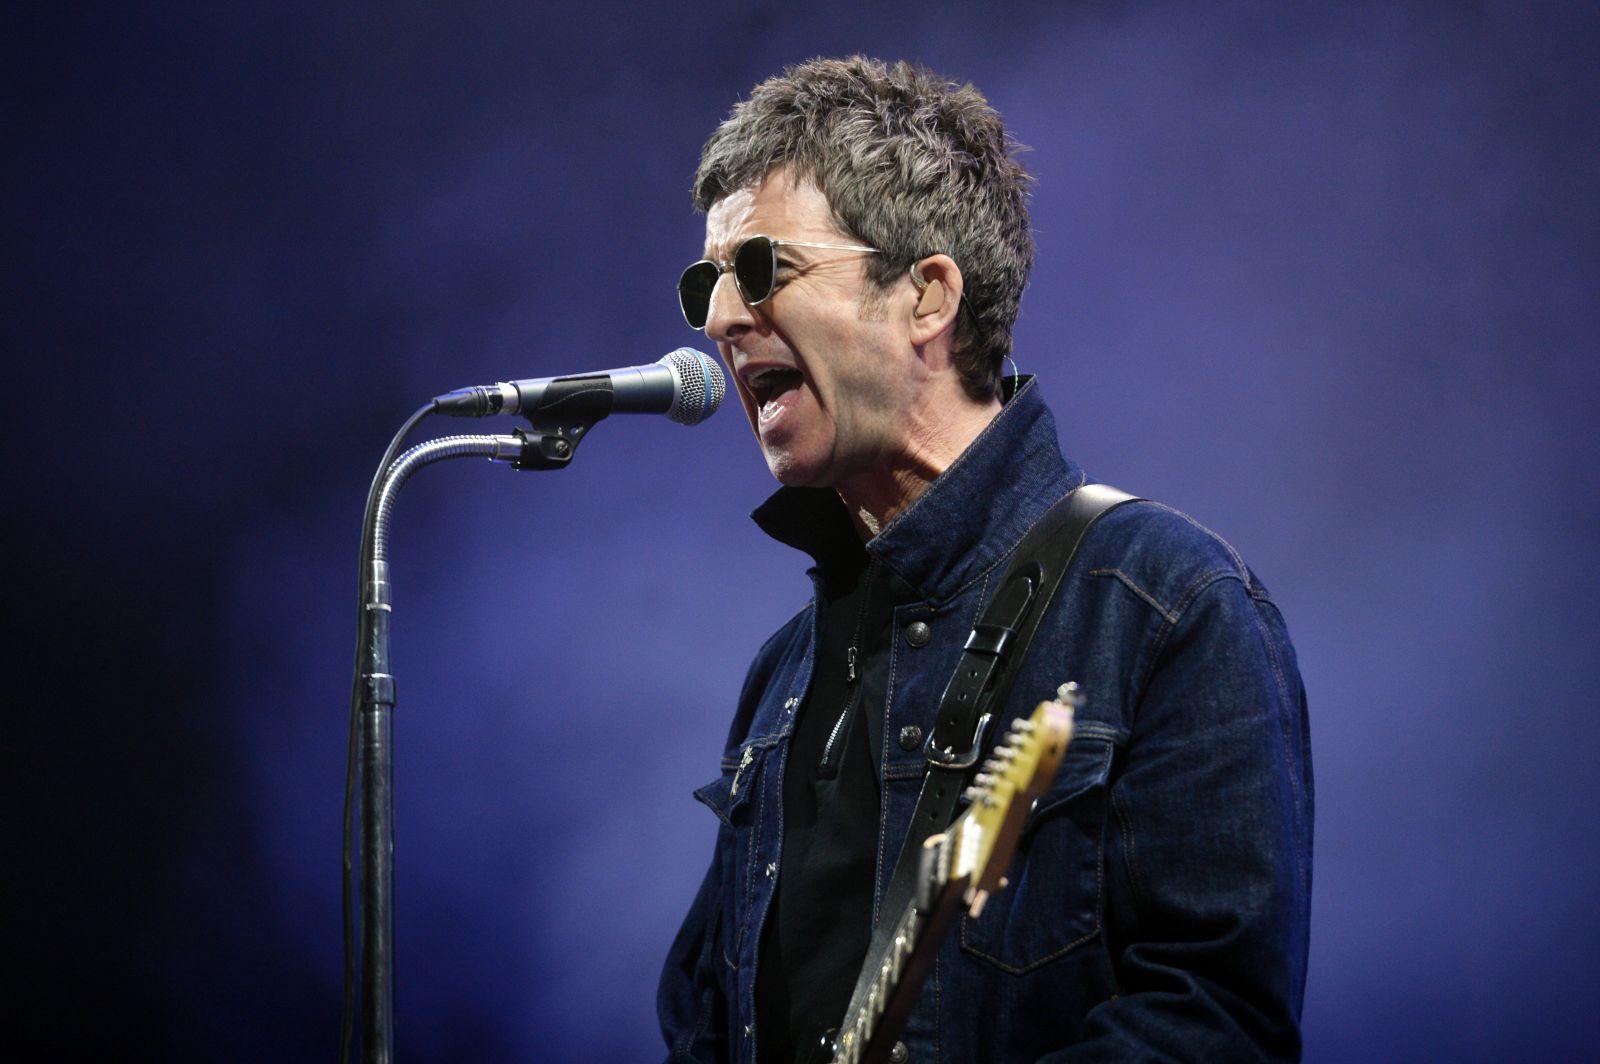 Noel Gallagher odmieta nosiť rúško. Berú nám priliš veľa s**rvených slobôd, hovorí o súčasnej Británii